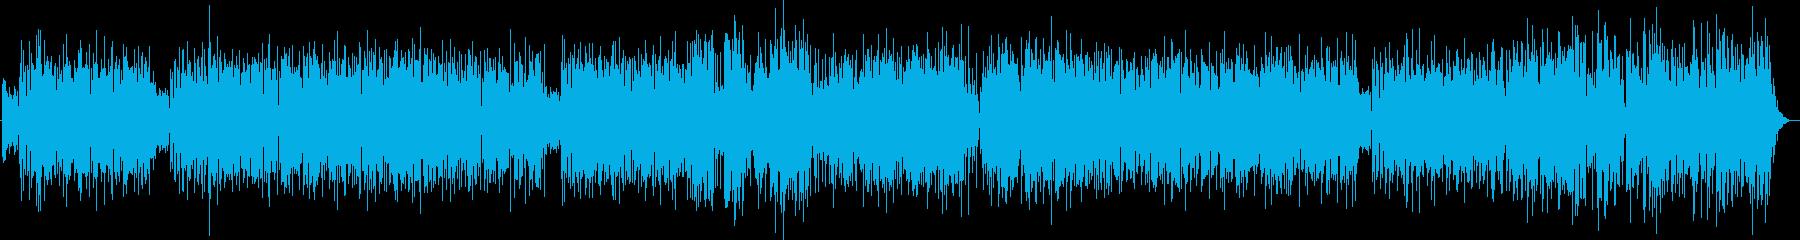 夏らしいフュージョン系ナンバーの再生済みの波形